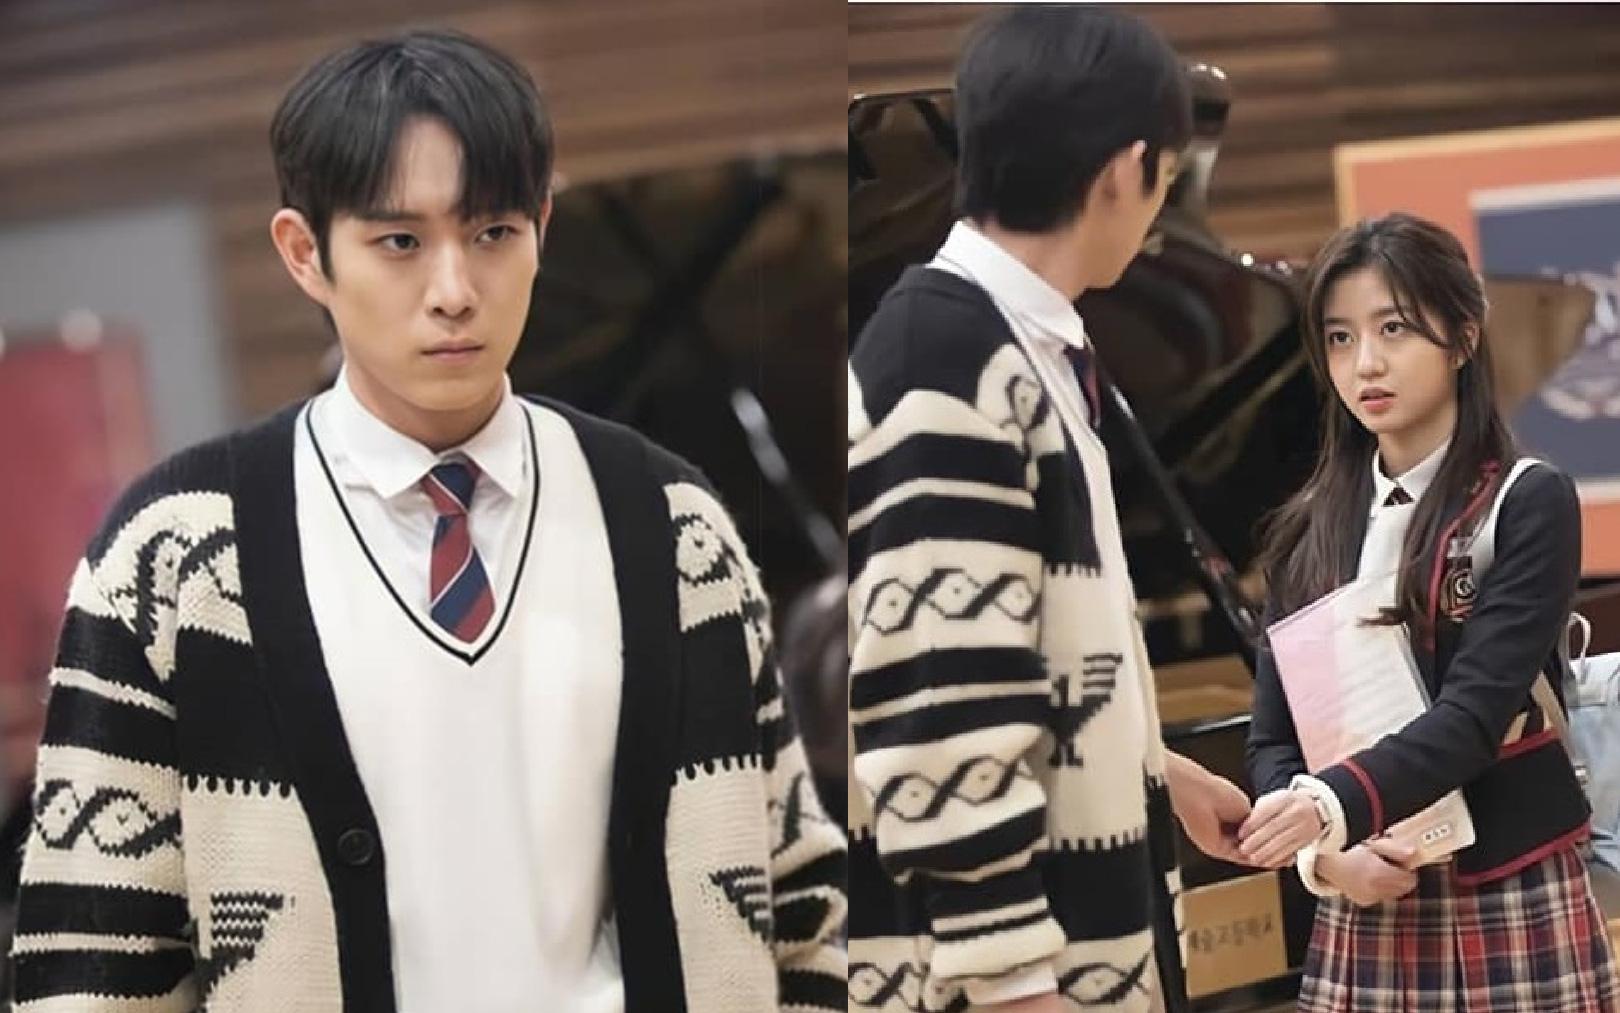 Cuộc chiến thượng lưu tập 4: Seok Hoon khiến người xem nổi quạu vì quá hèn nhát, thấy Ro Na bị ức hiếp vẫn trơ mắt đứng nhìn